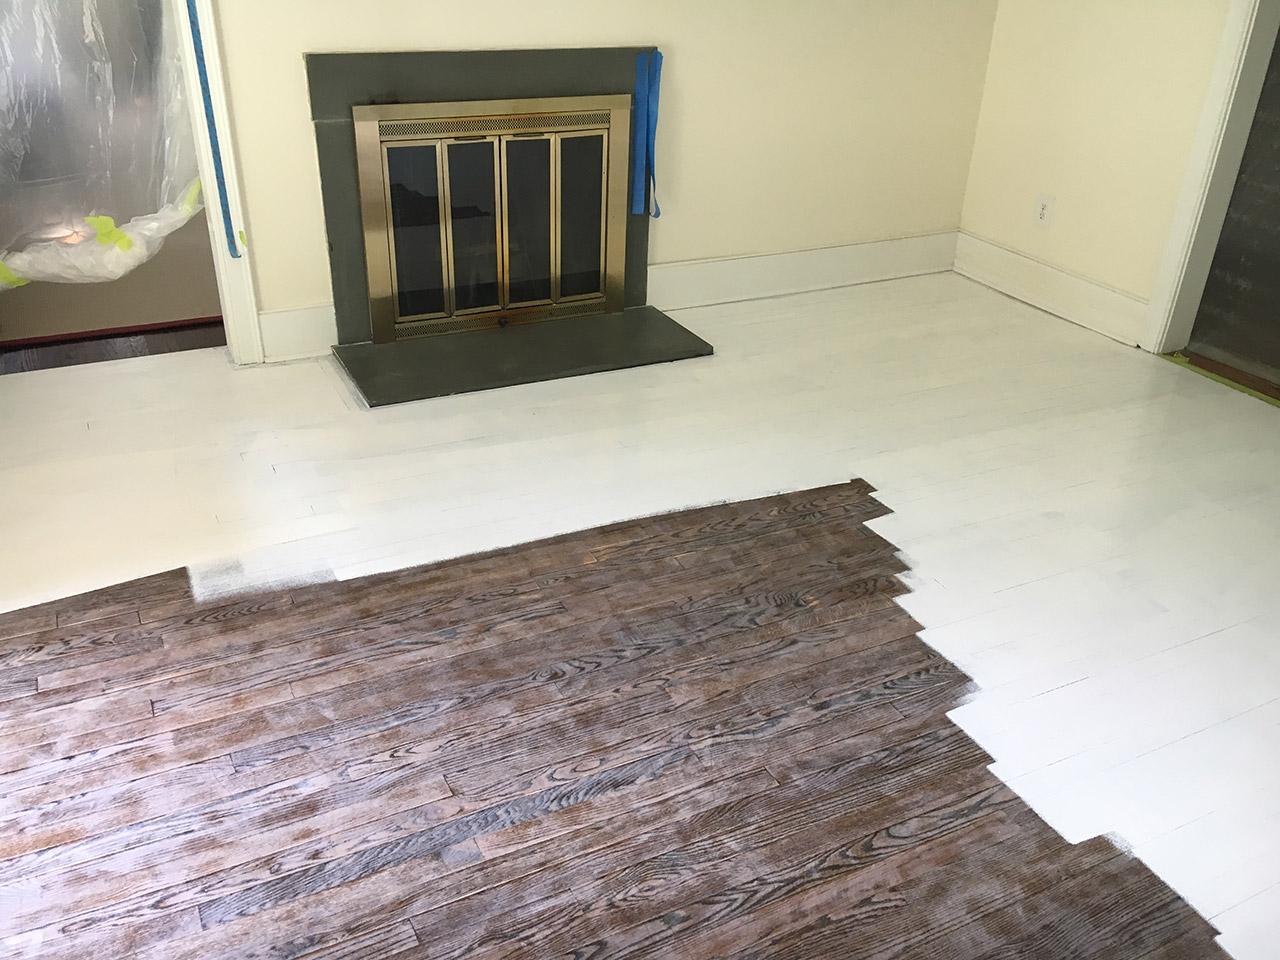 Priming the wood floor